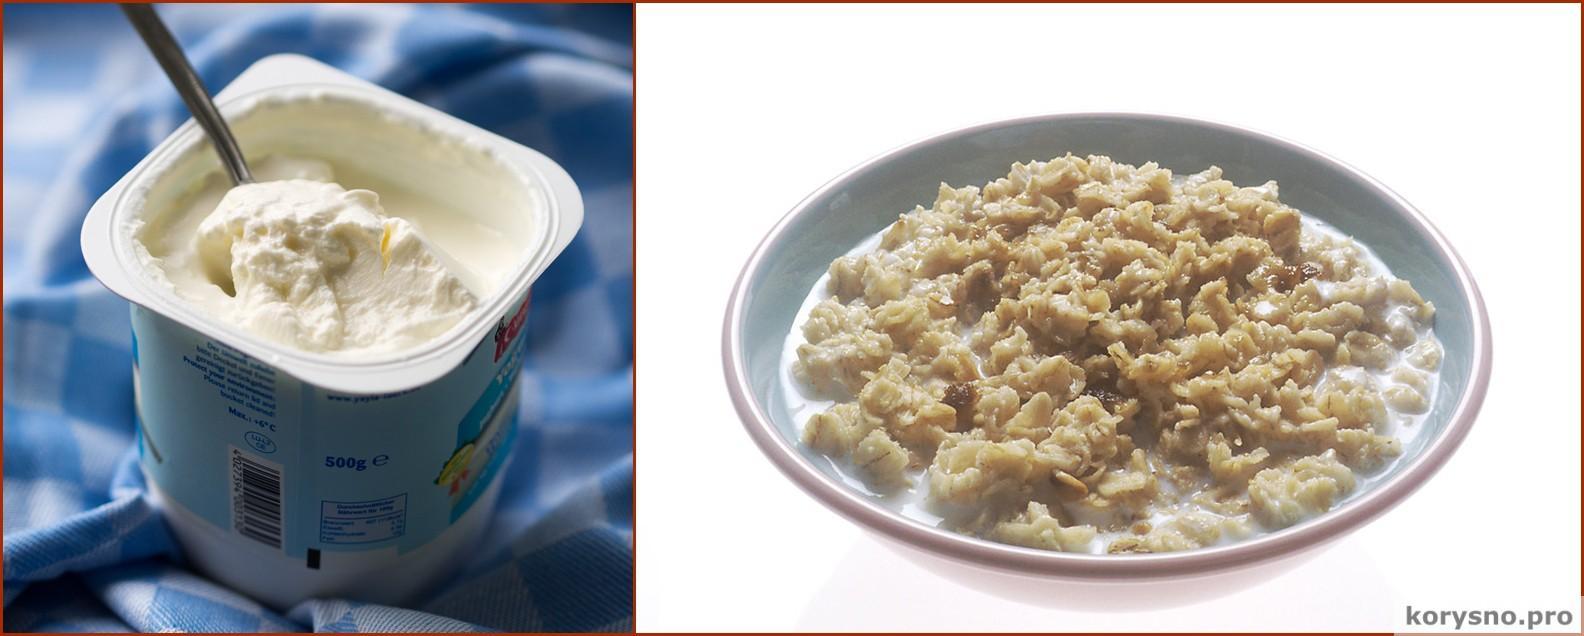 9 продуктов, которые категорически нельзя есть натощак